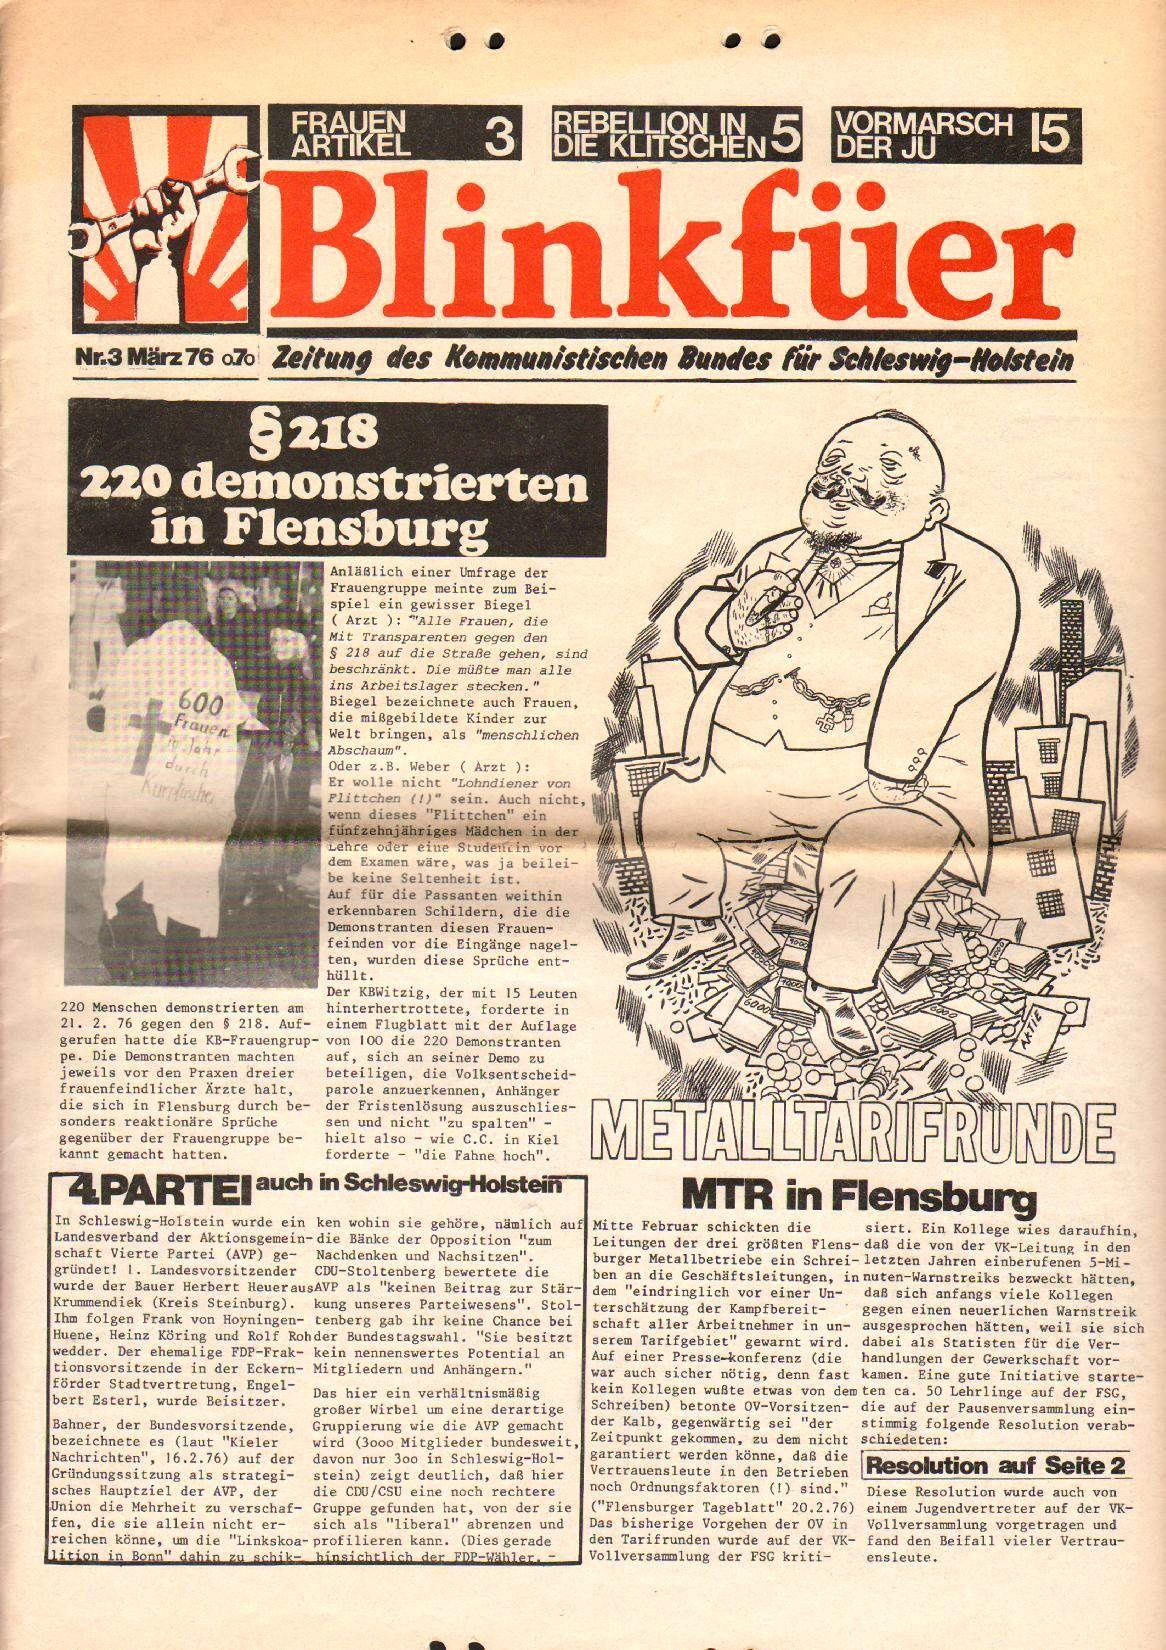 Blinkfuer079